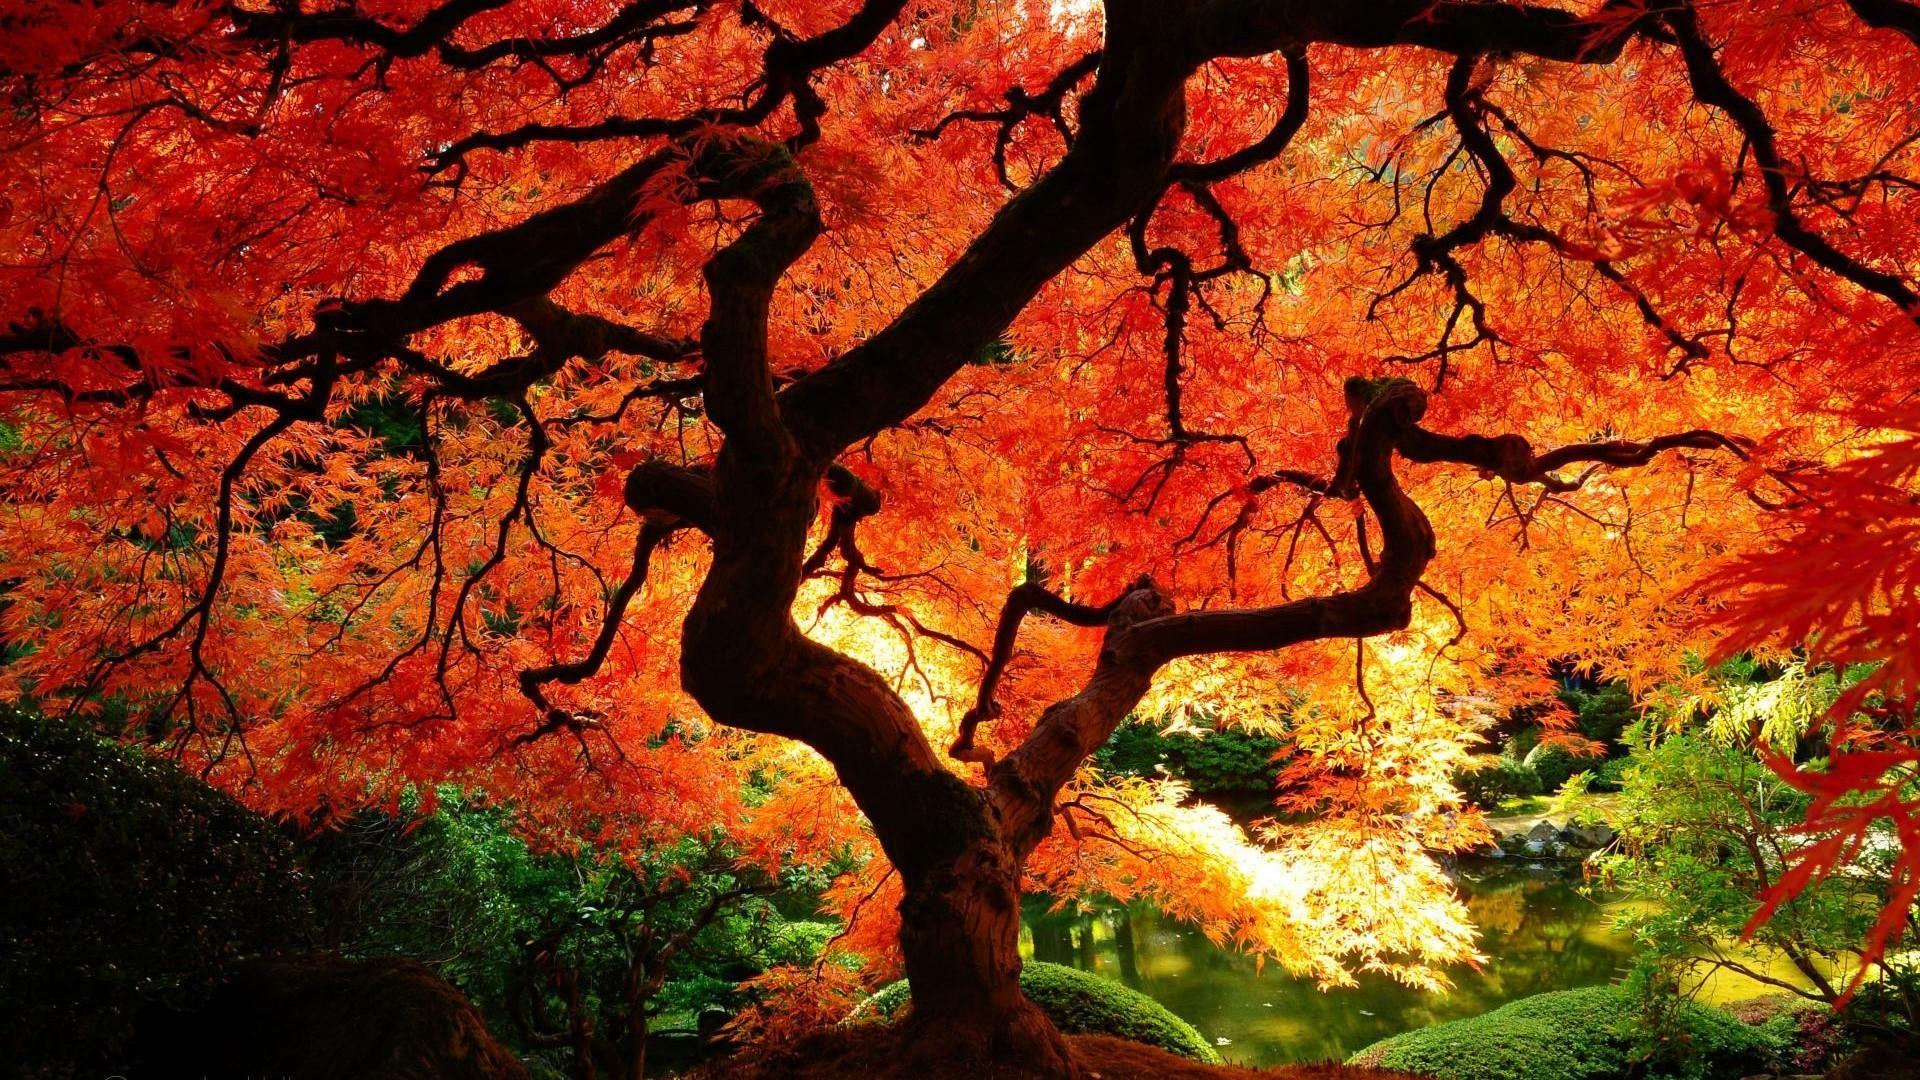 Humeur D Automne Ii Voyage Onirique Paysage Automnal Photographie Nature Belle Nature